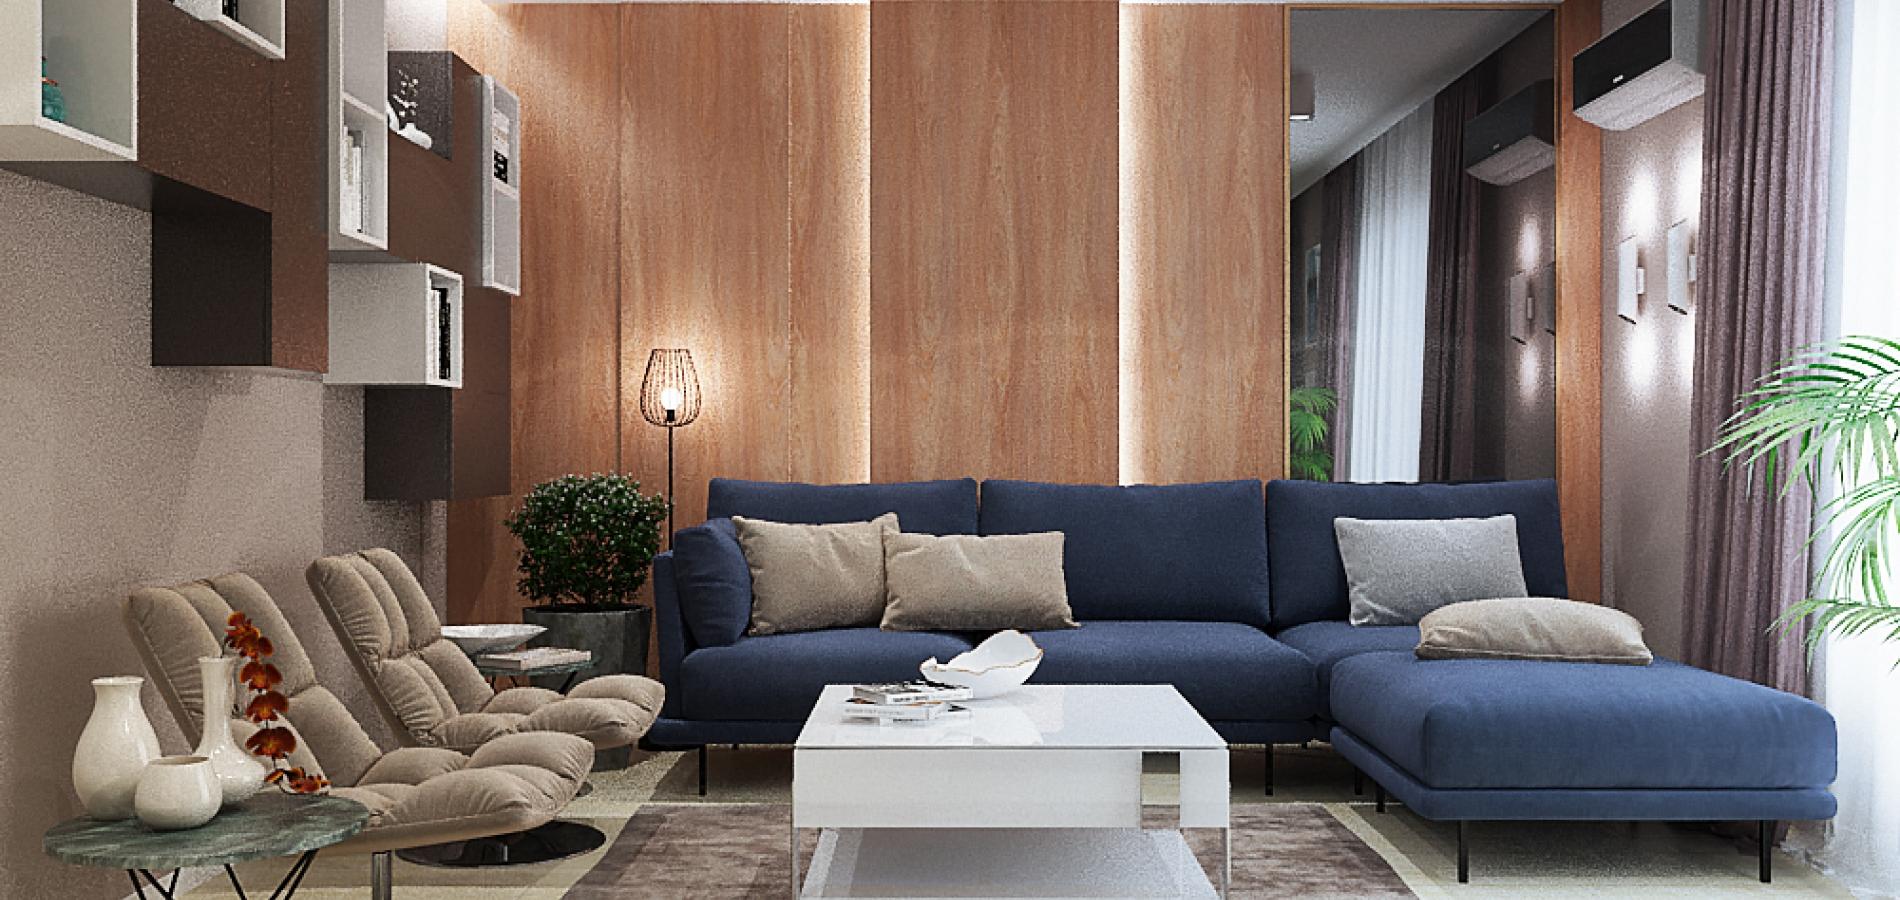 Современный дизайн мебели для квартиры